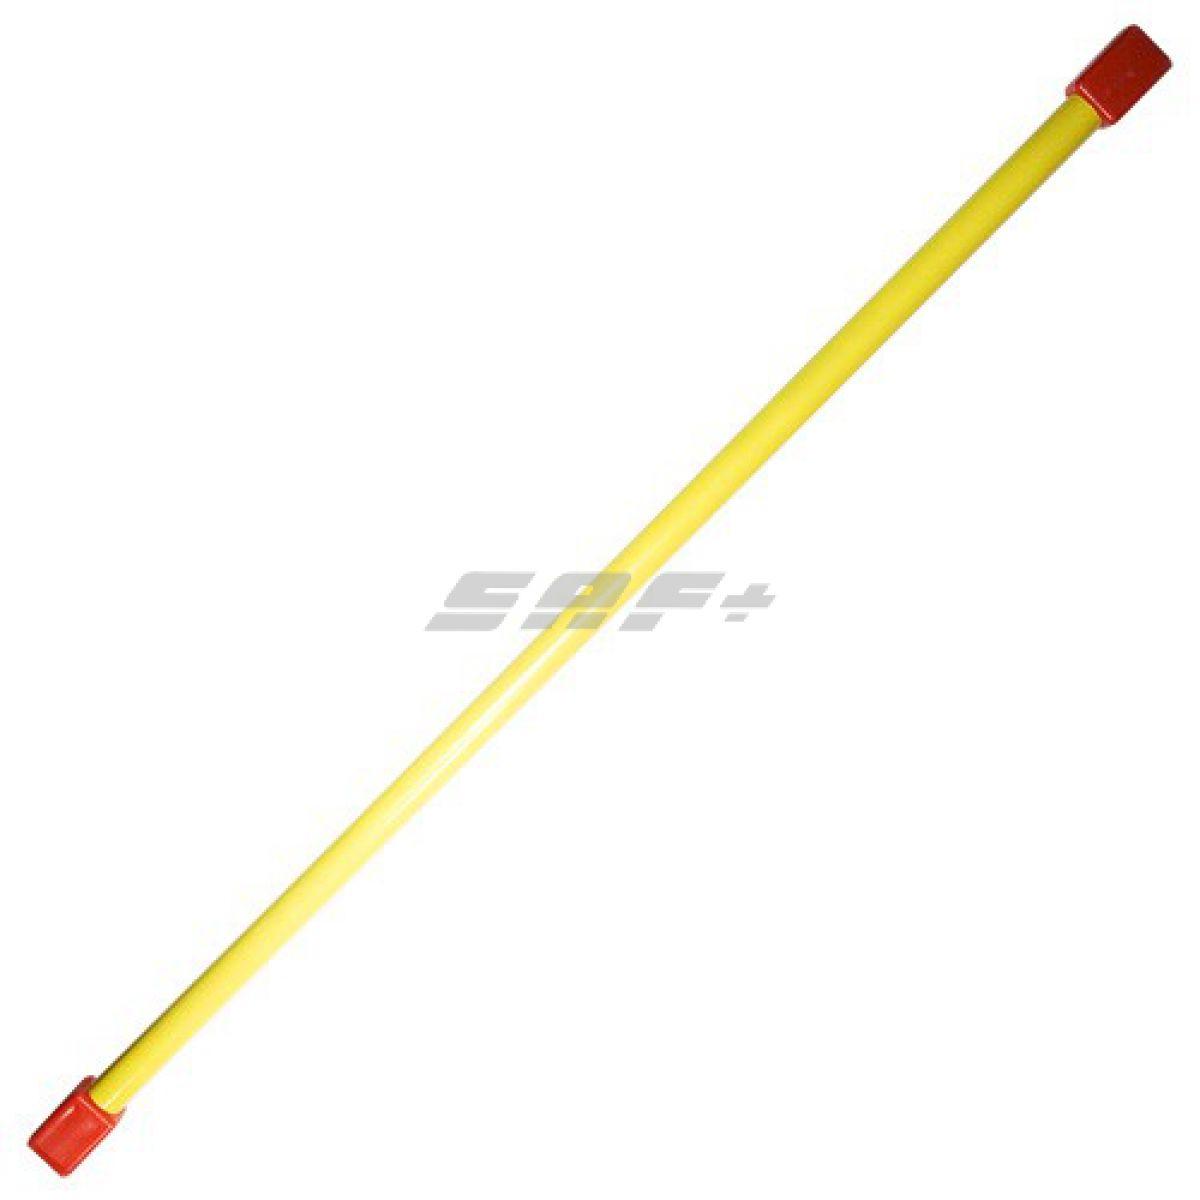 Гимнастическая палка (бодибар), 2кг, длина 1200мм